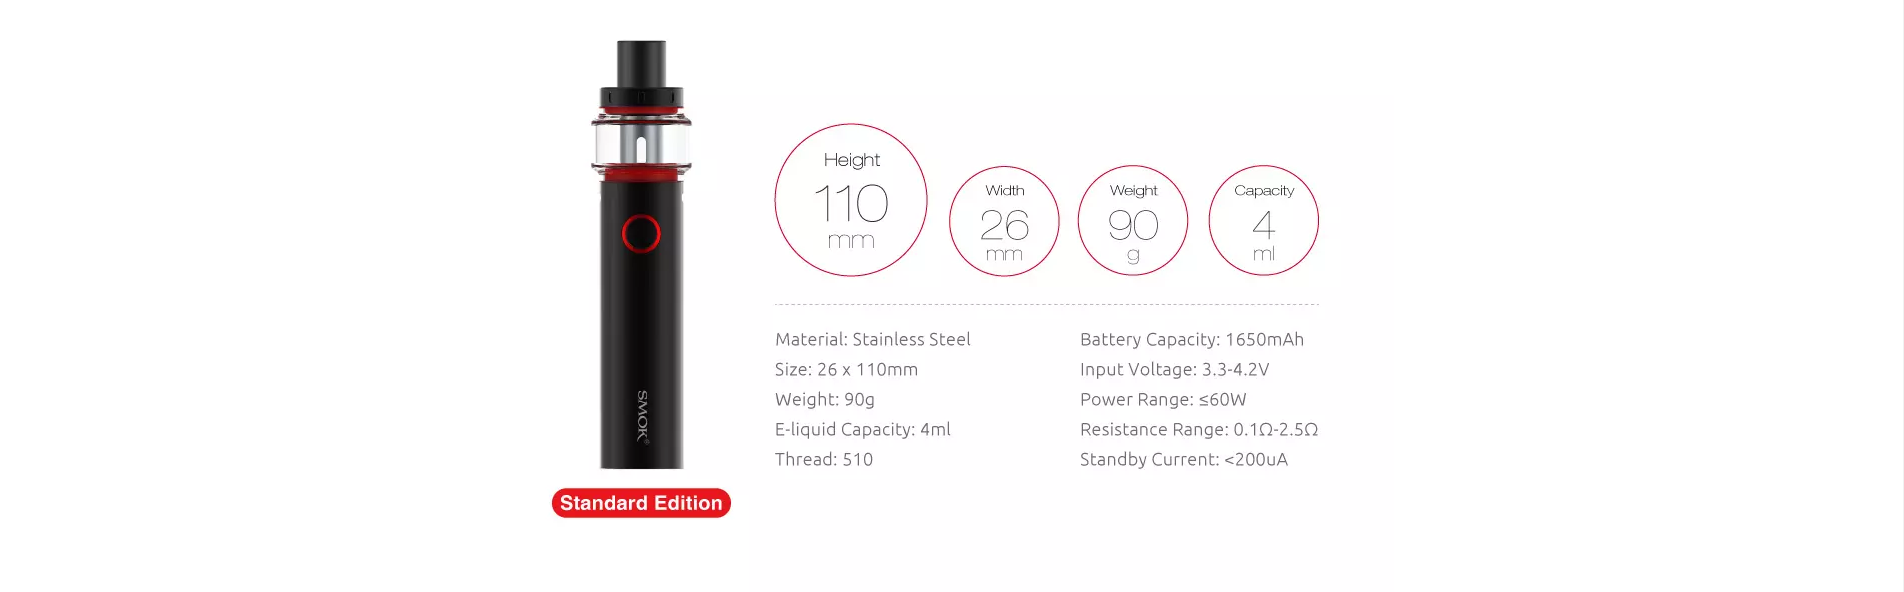 pen 22 1680 mah battery